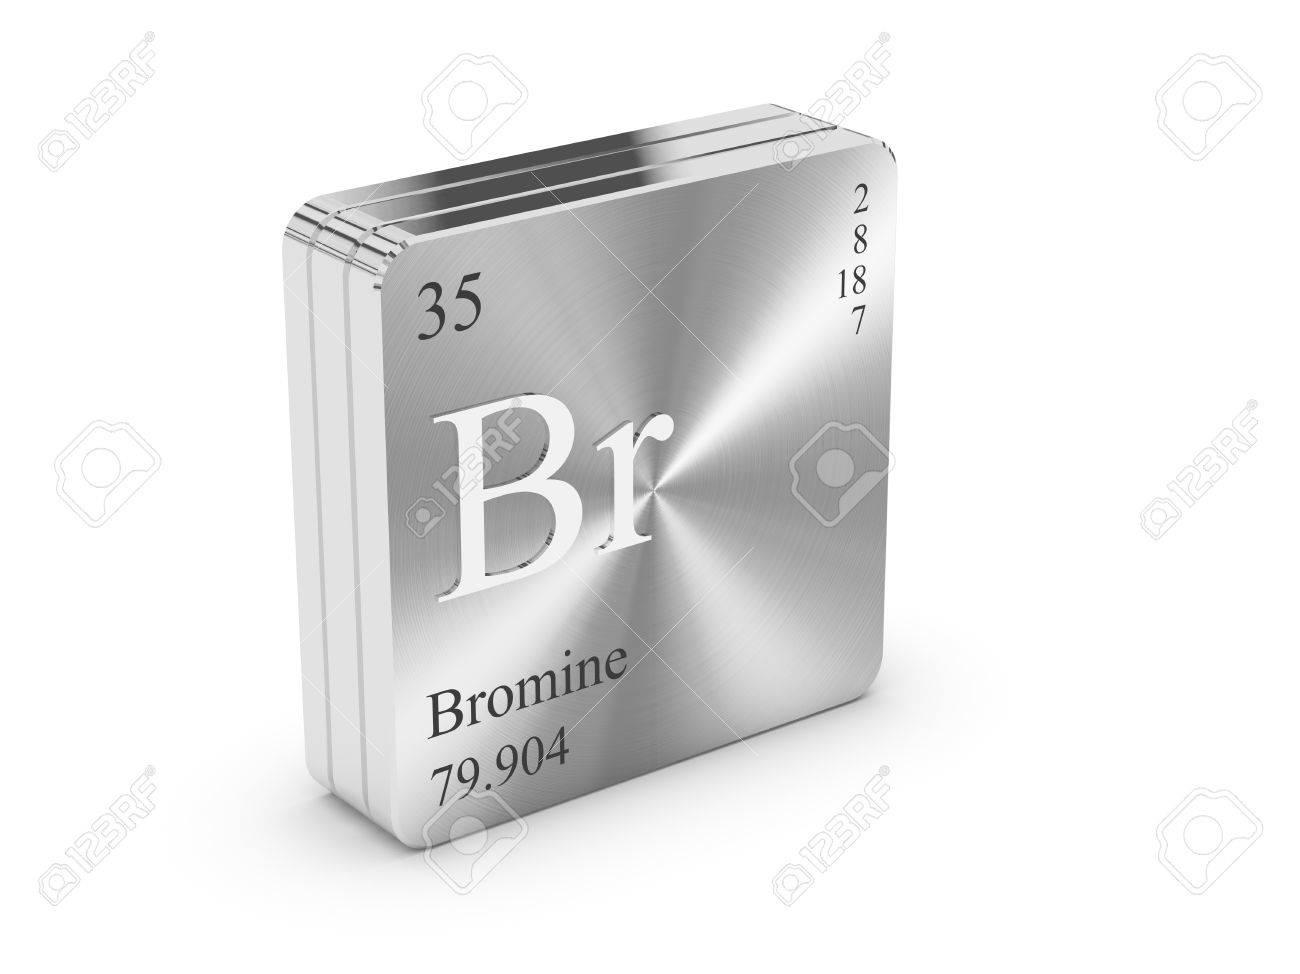 Elemento de la tabla peridica en bloque de metal de acero bromo elemento de la tabla peridica en bloque de metal de acero bromo foto de archivo urtaz Images